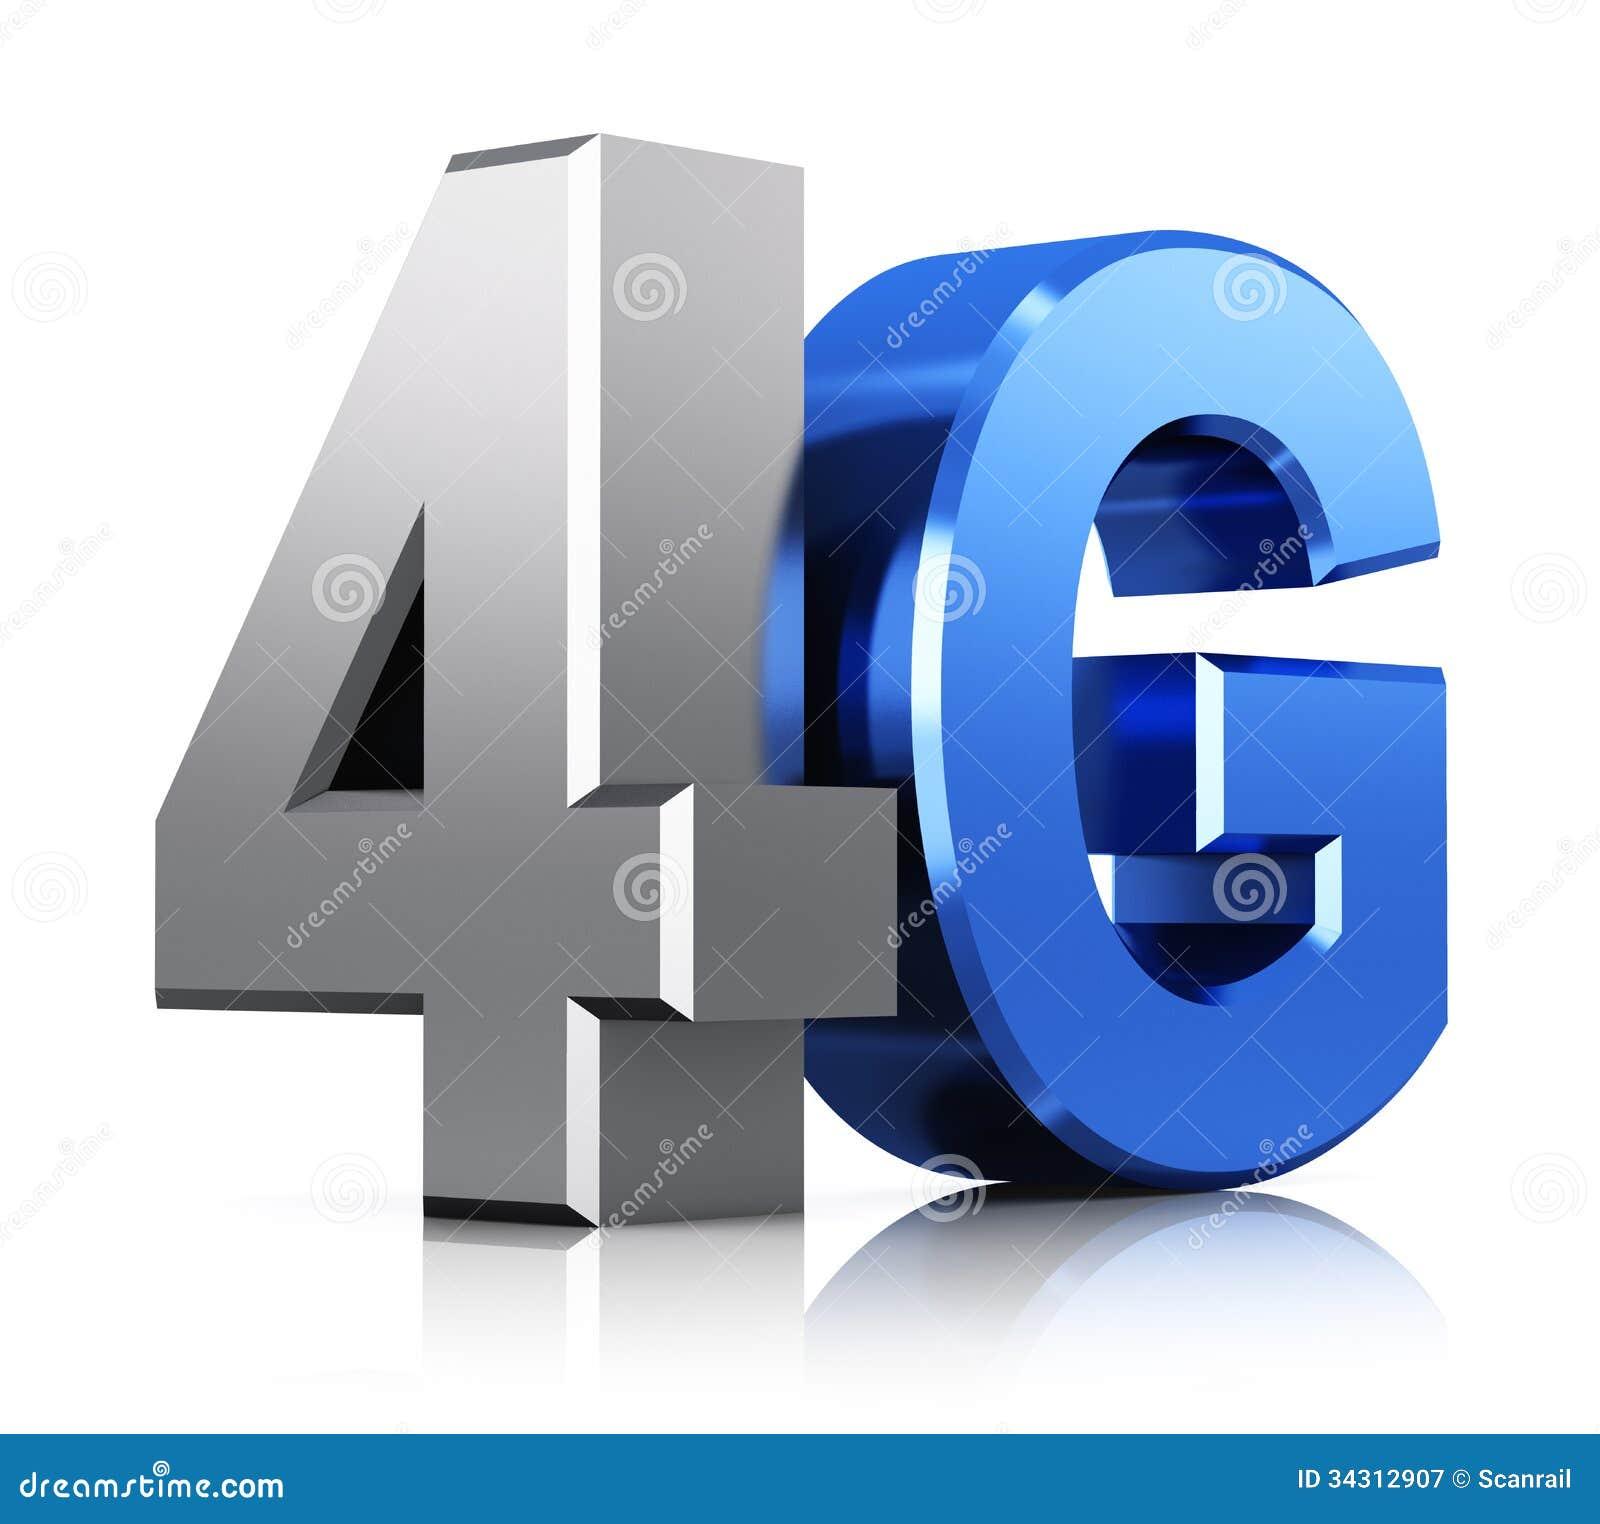 Logotipo de la tecnología inalámbrica de 4G LTE